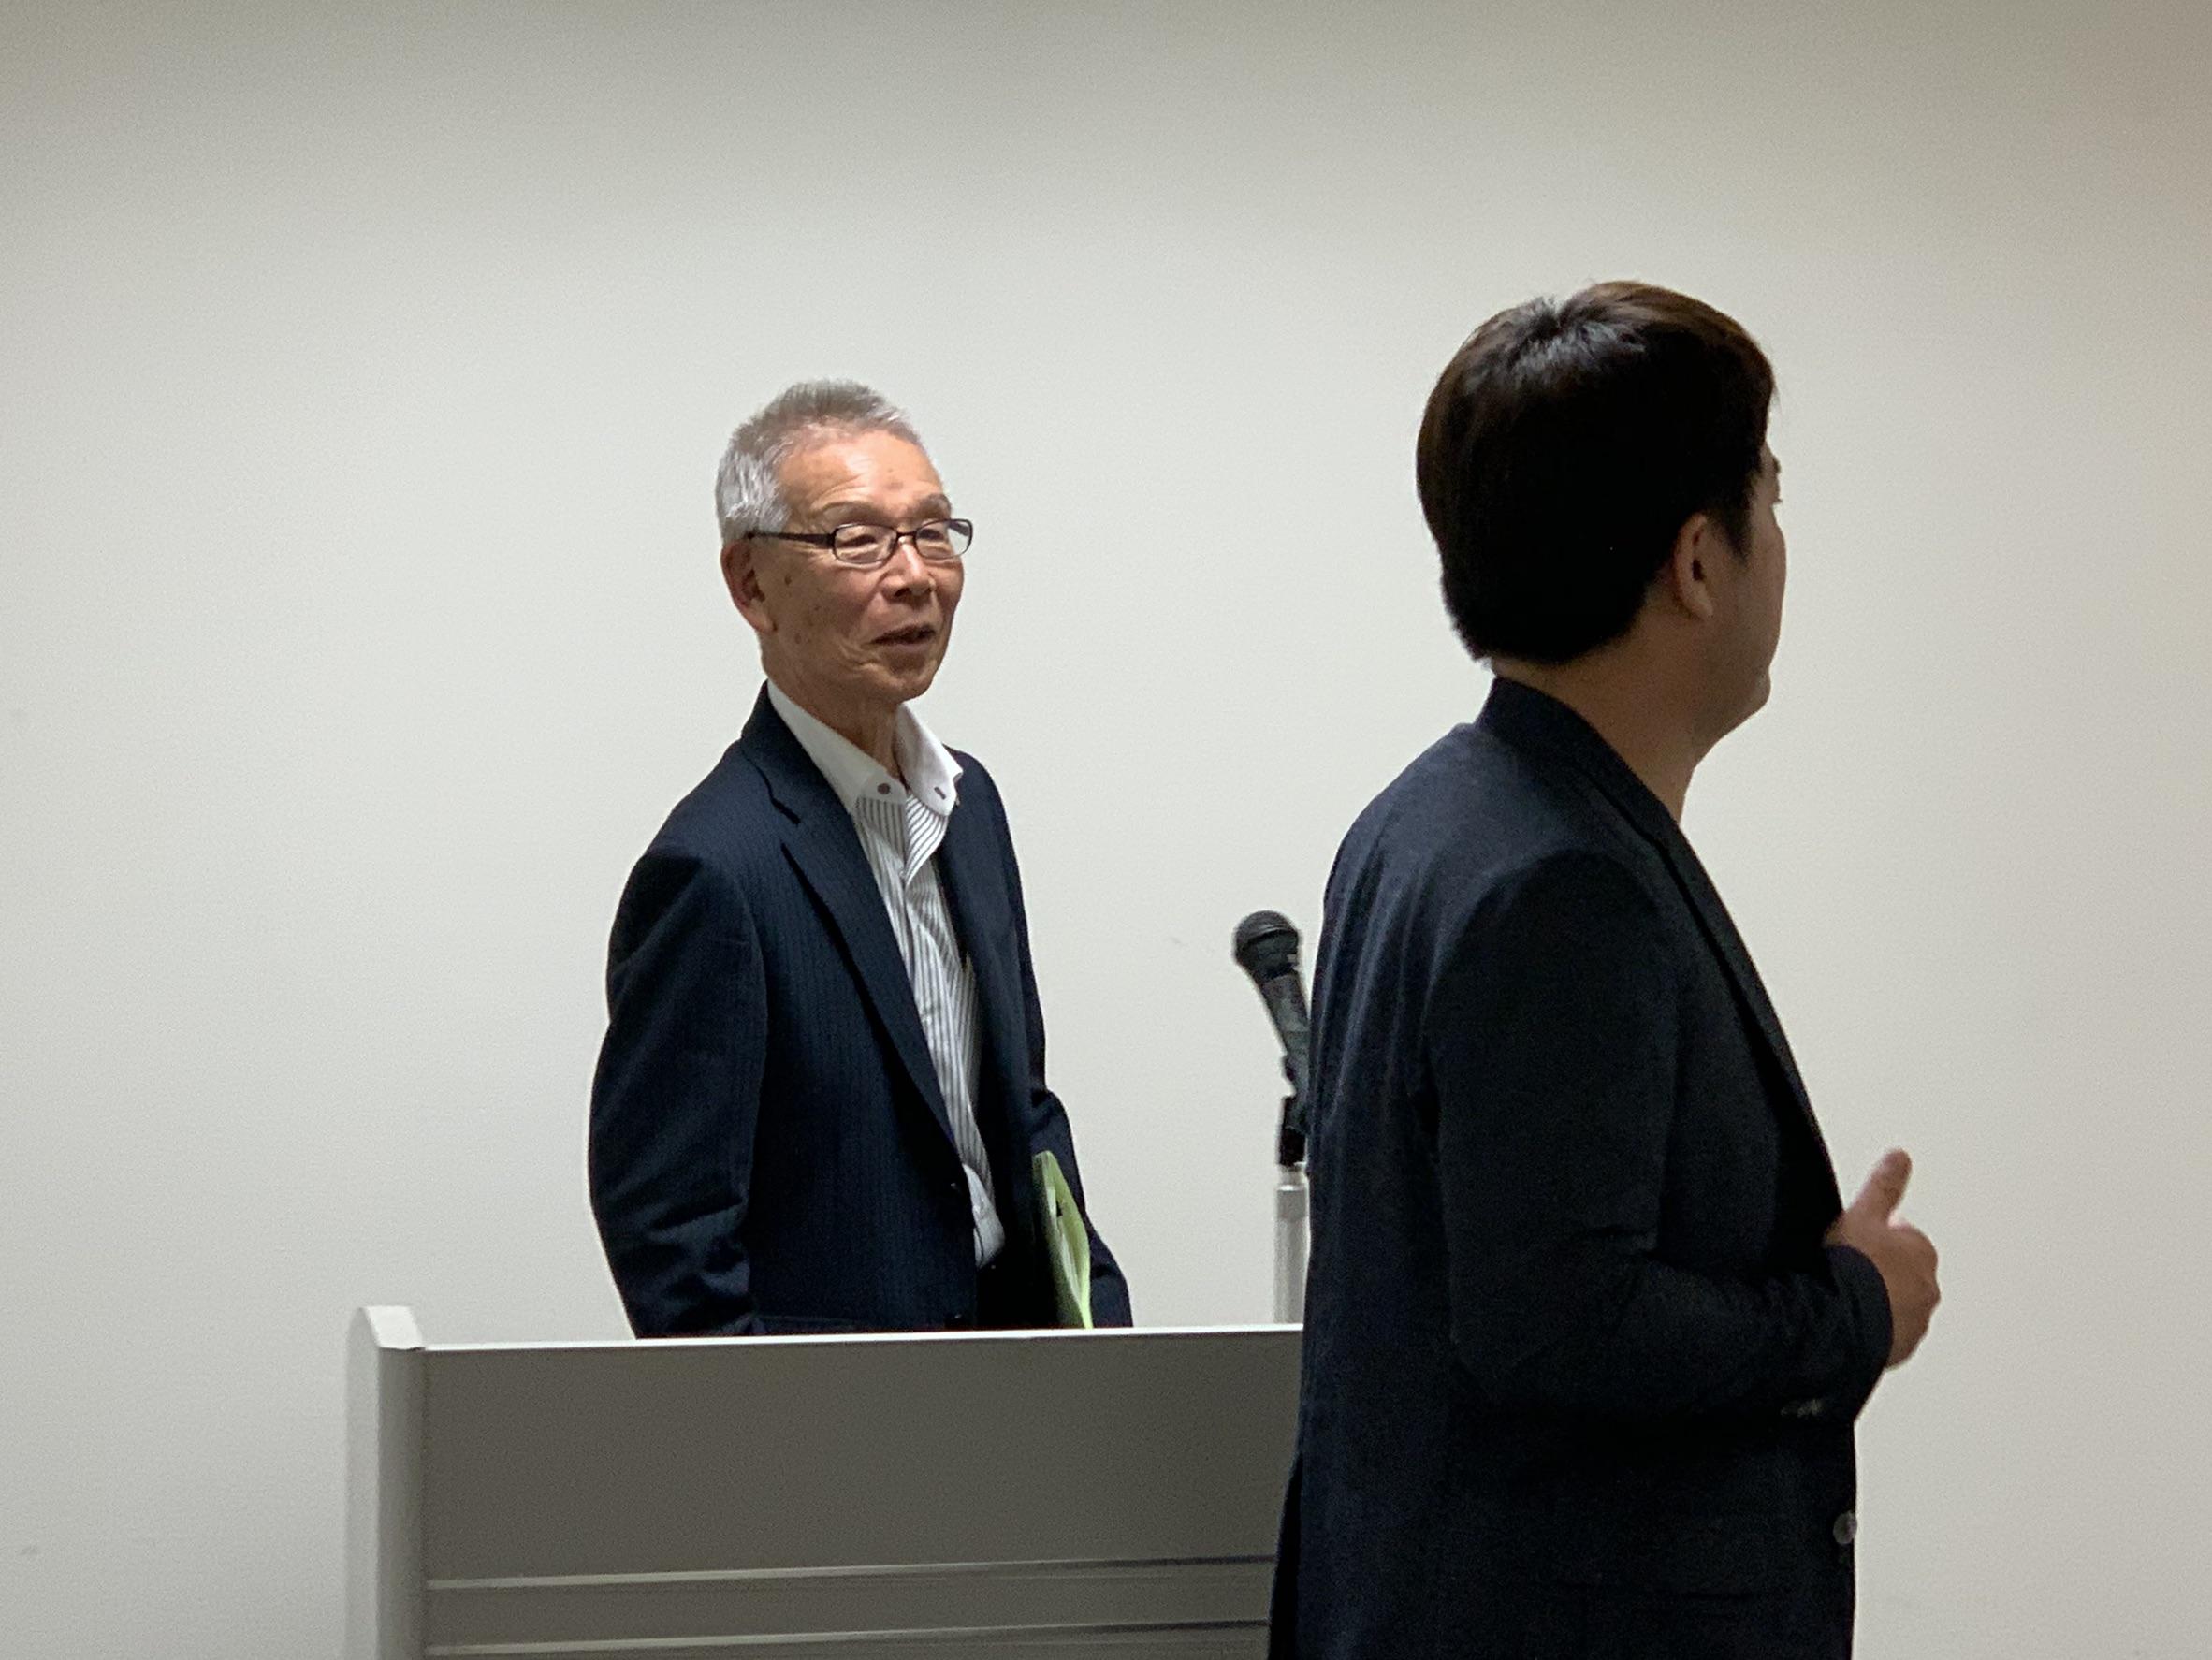 令和元年8月21日(水) 「熊本経済の現状と今後」㈱地域情報センター 代表取締役会長 松岡泰輔氏;